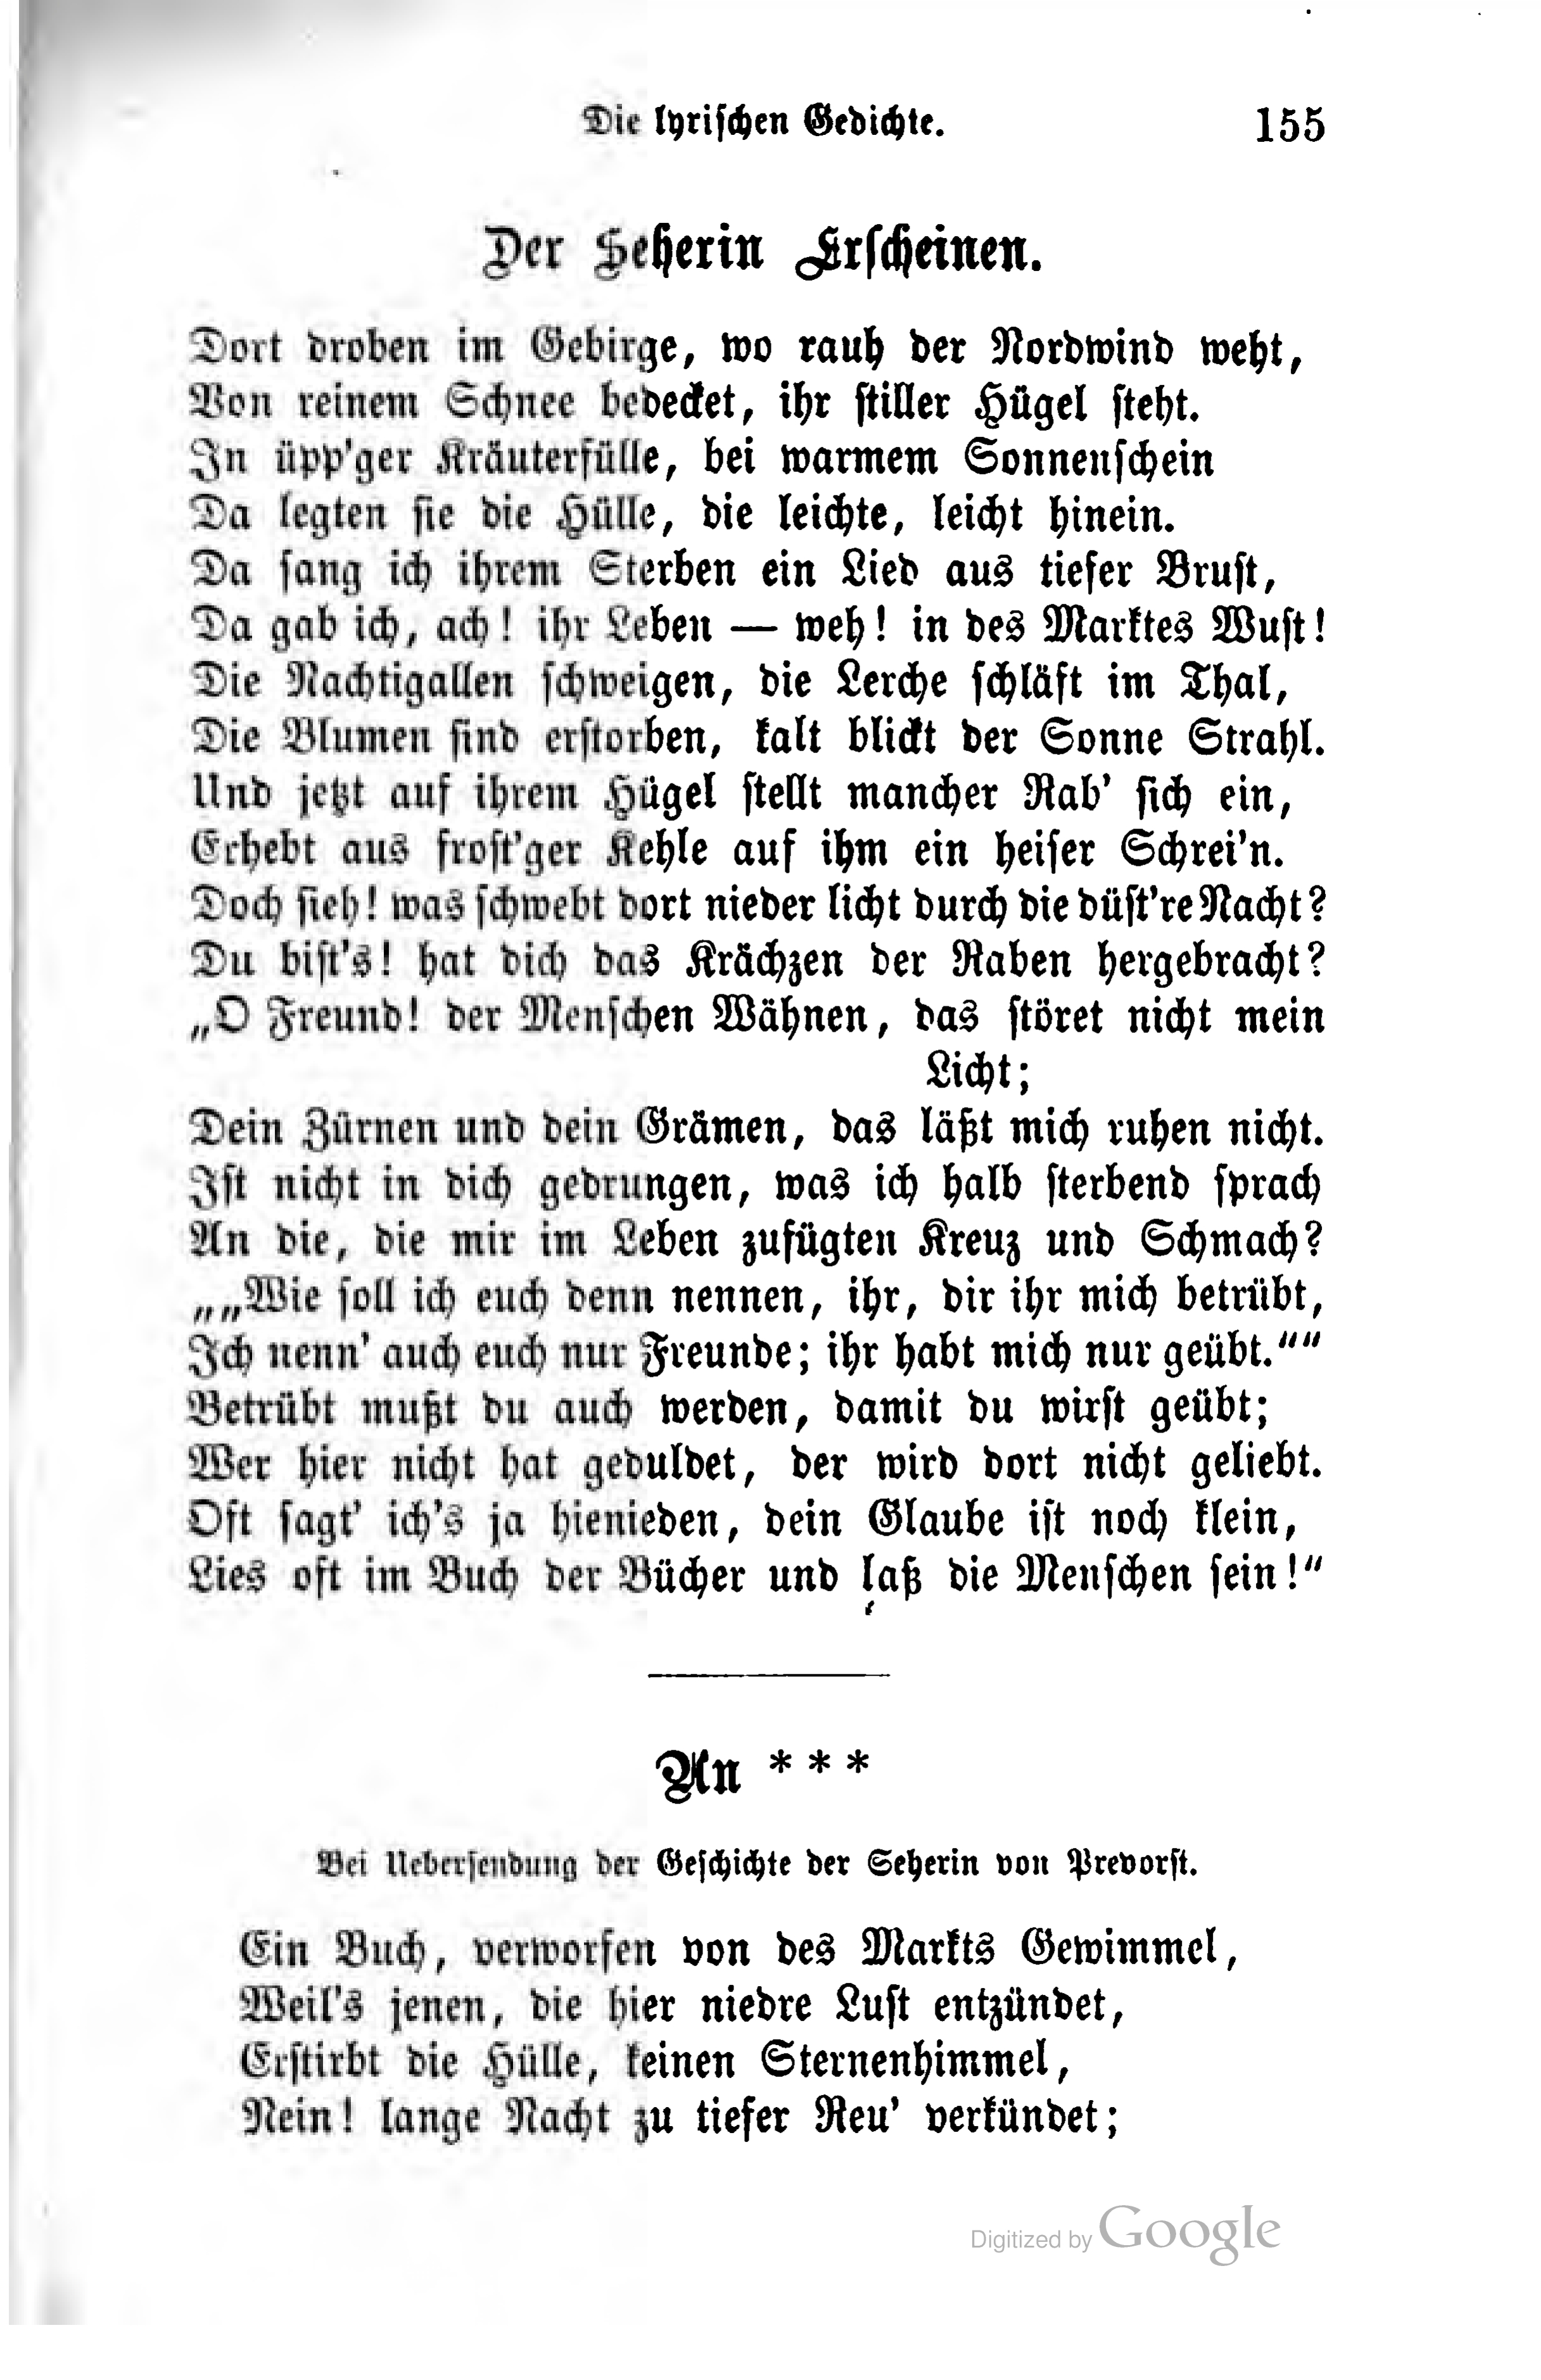 Filejustinus Kerner Ausgewählte Poetische Werke Band 1